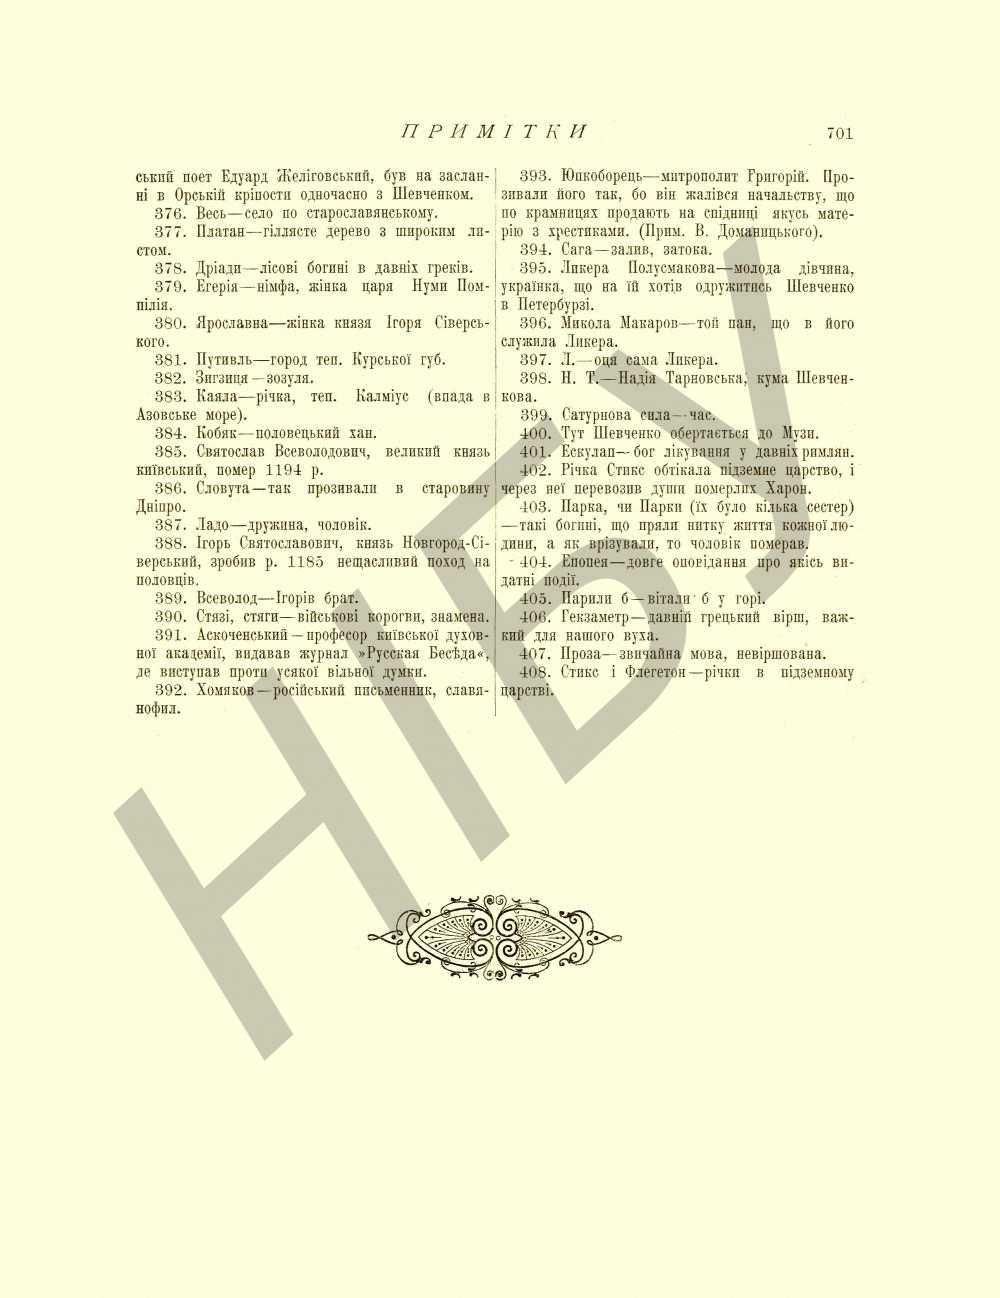 Ленин ПСС издание 5 том 36